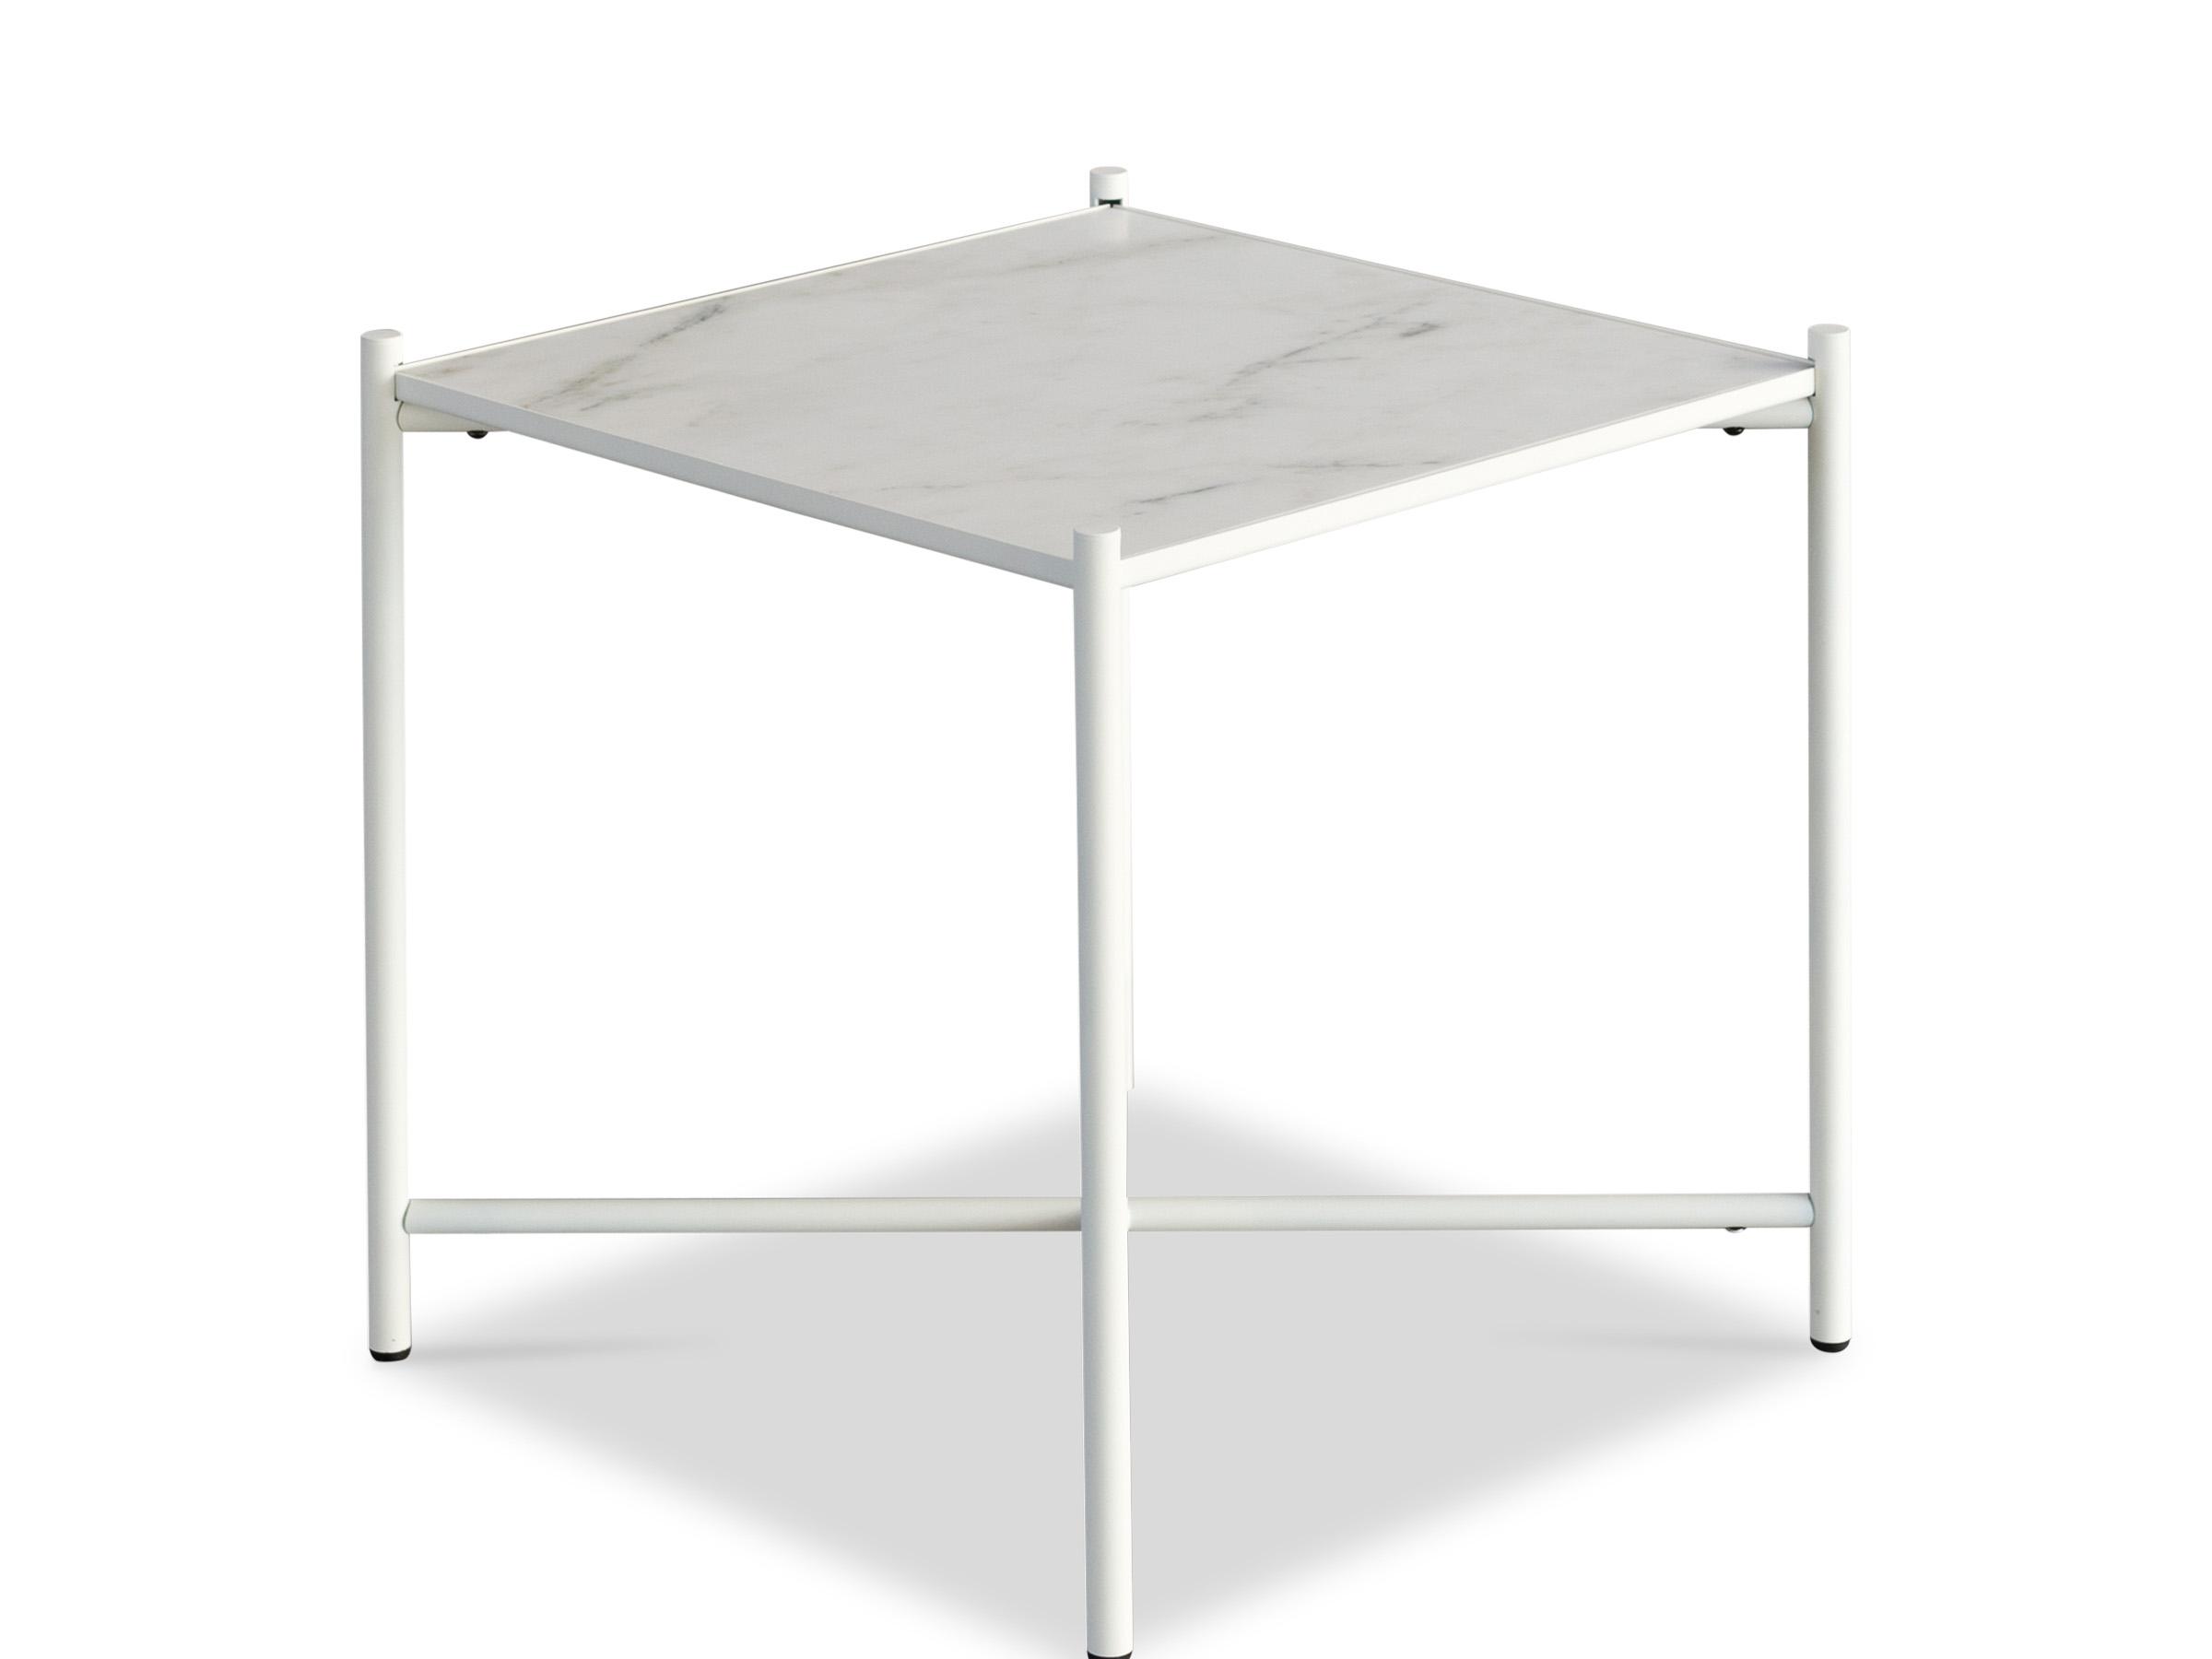 """Handvã""""rk - sidebord 48x48 - hvid marmor, hvid stel fra Handvã""""rk på unoliving.com"""